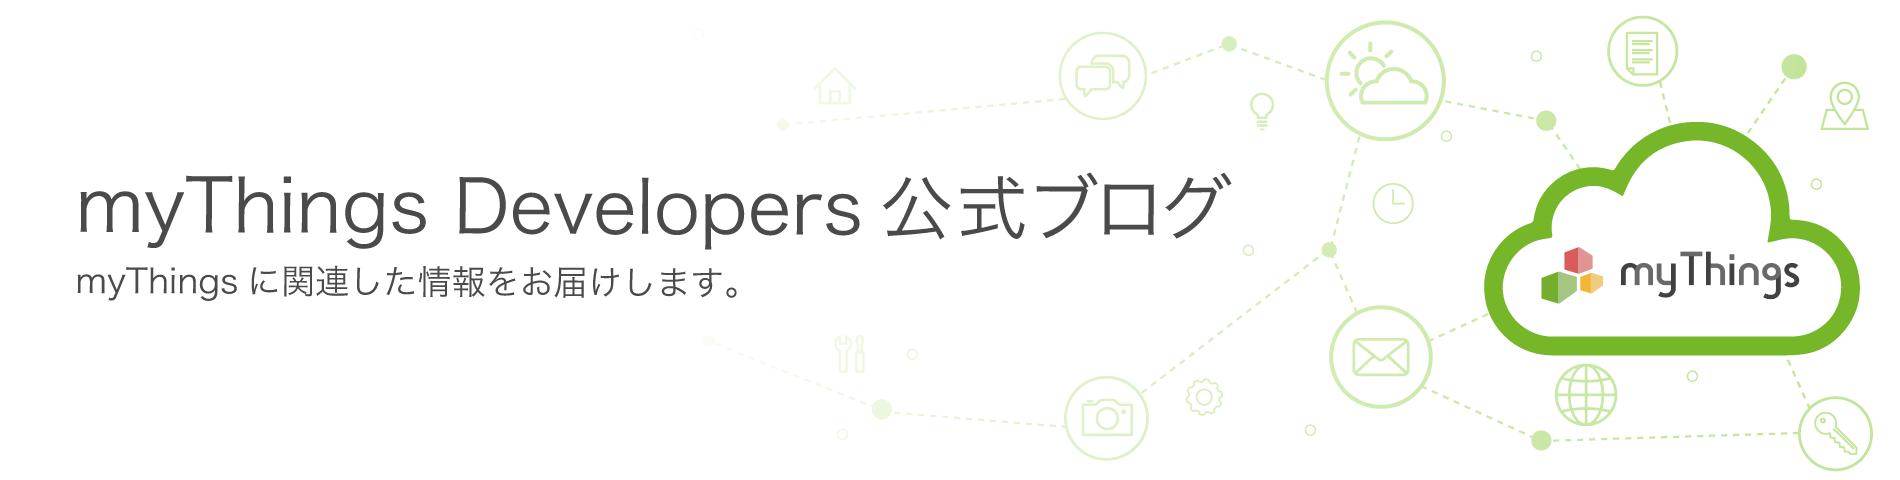 myThings Developers 公式ブログ